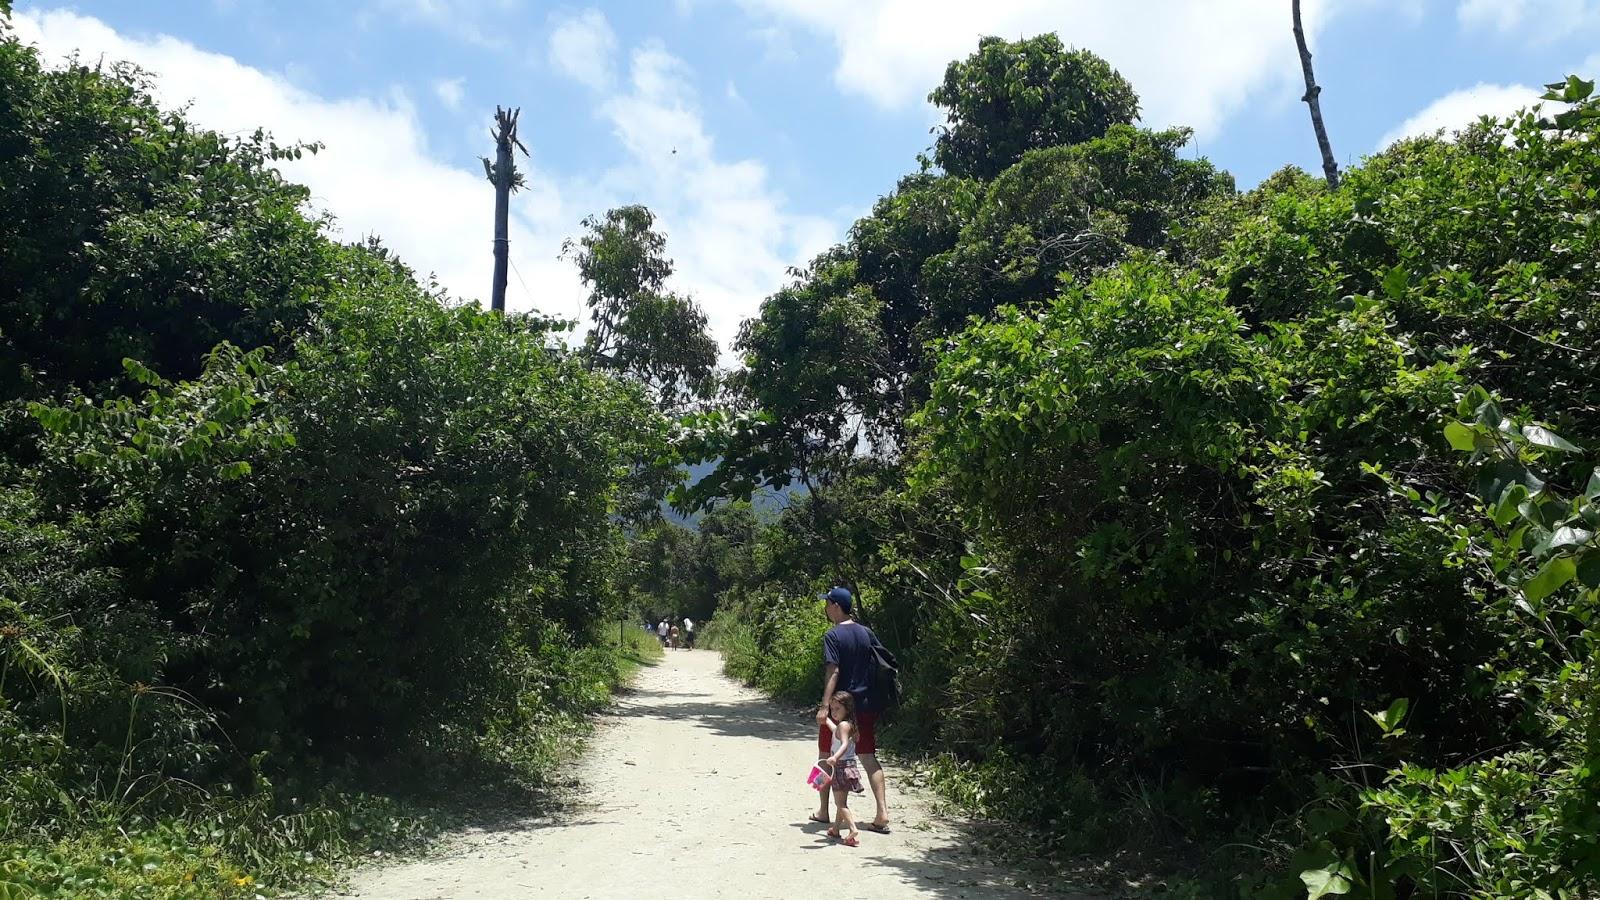 Estradinha de terra, trajeto que se faz a pé até a praia da Fazenda.